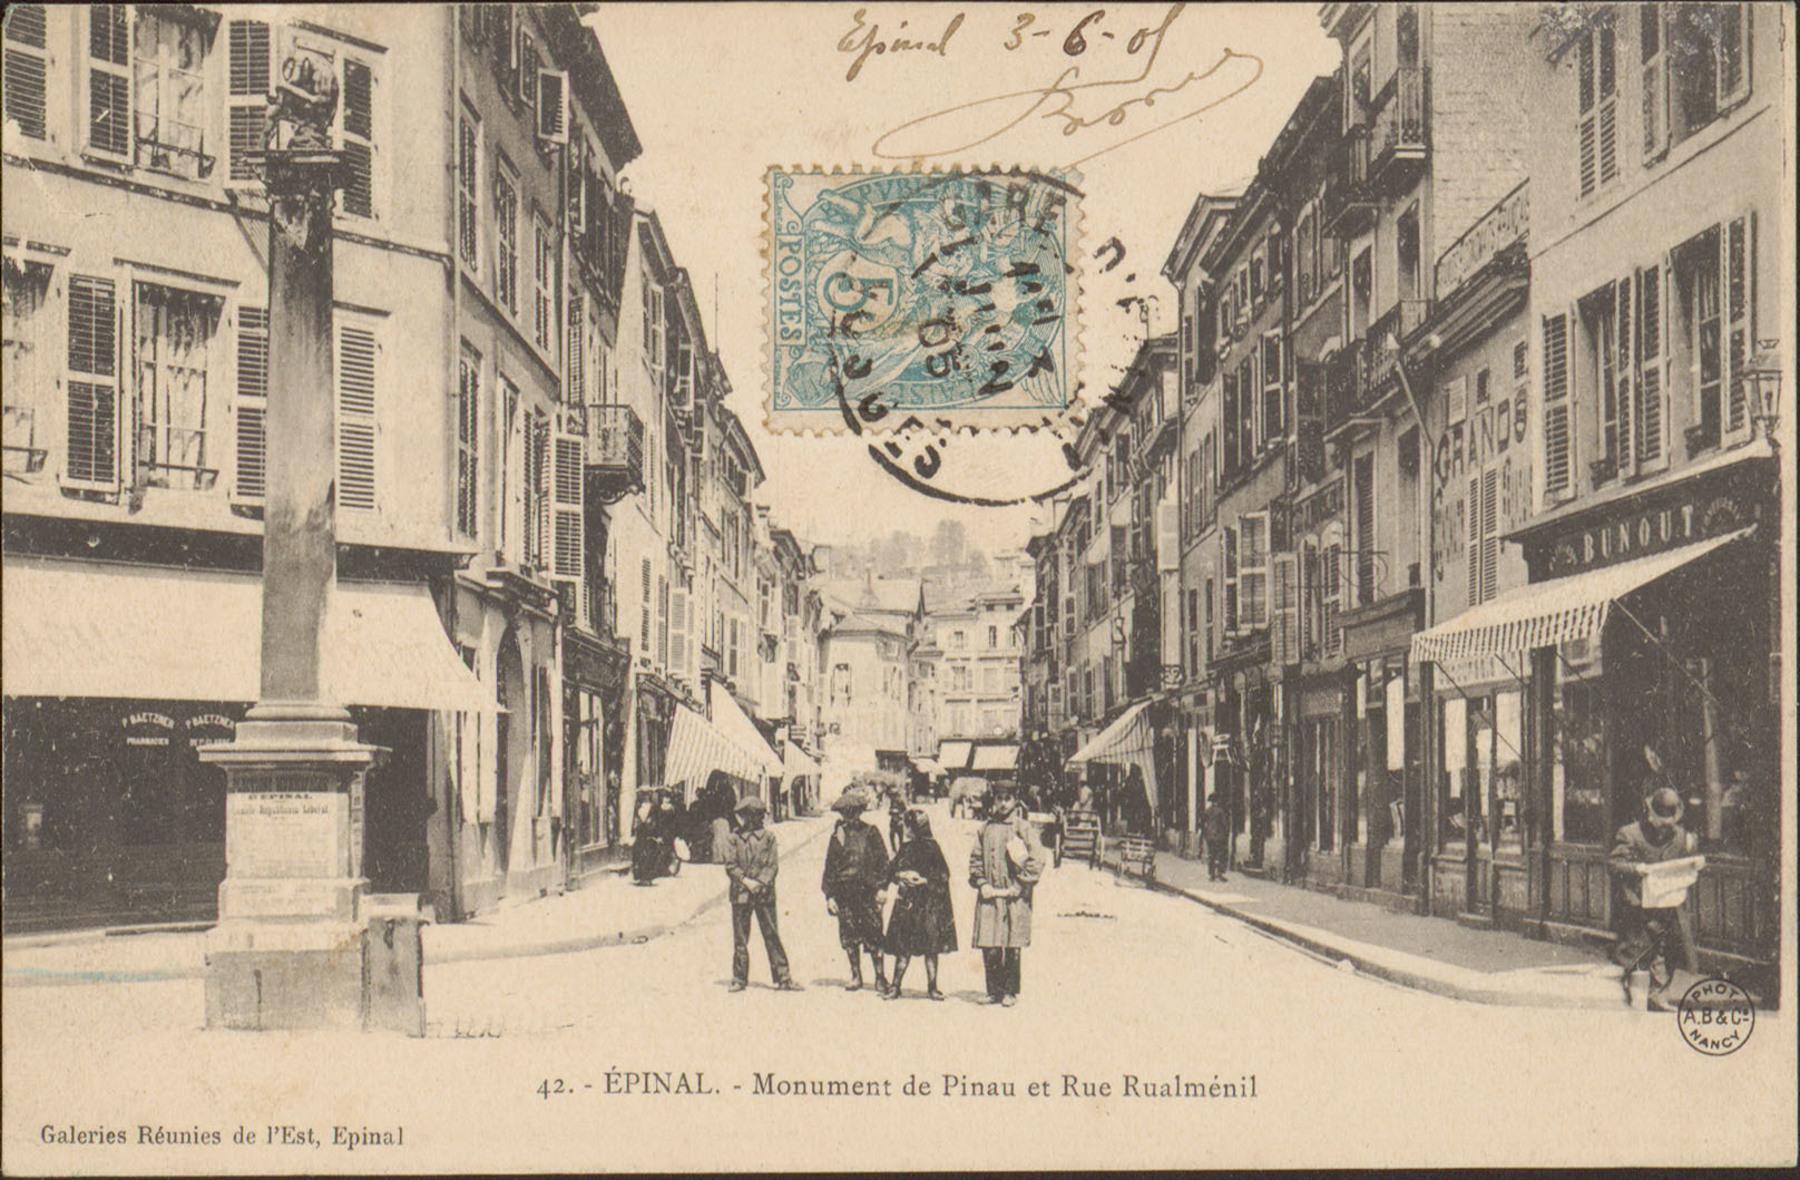 Contenu du Épinal, Monument de Pinau et Rue Rualménil